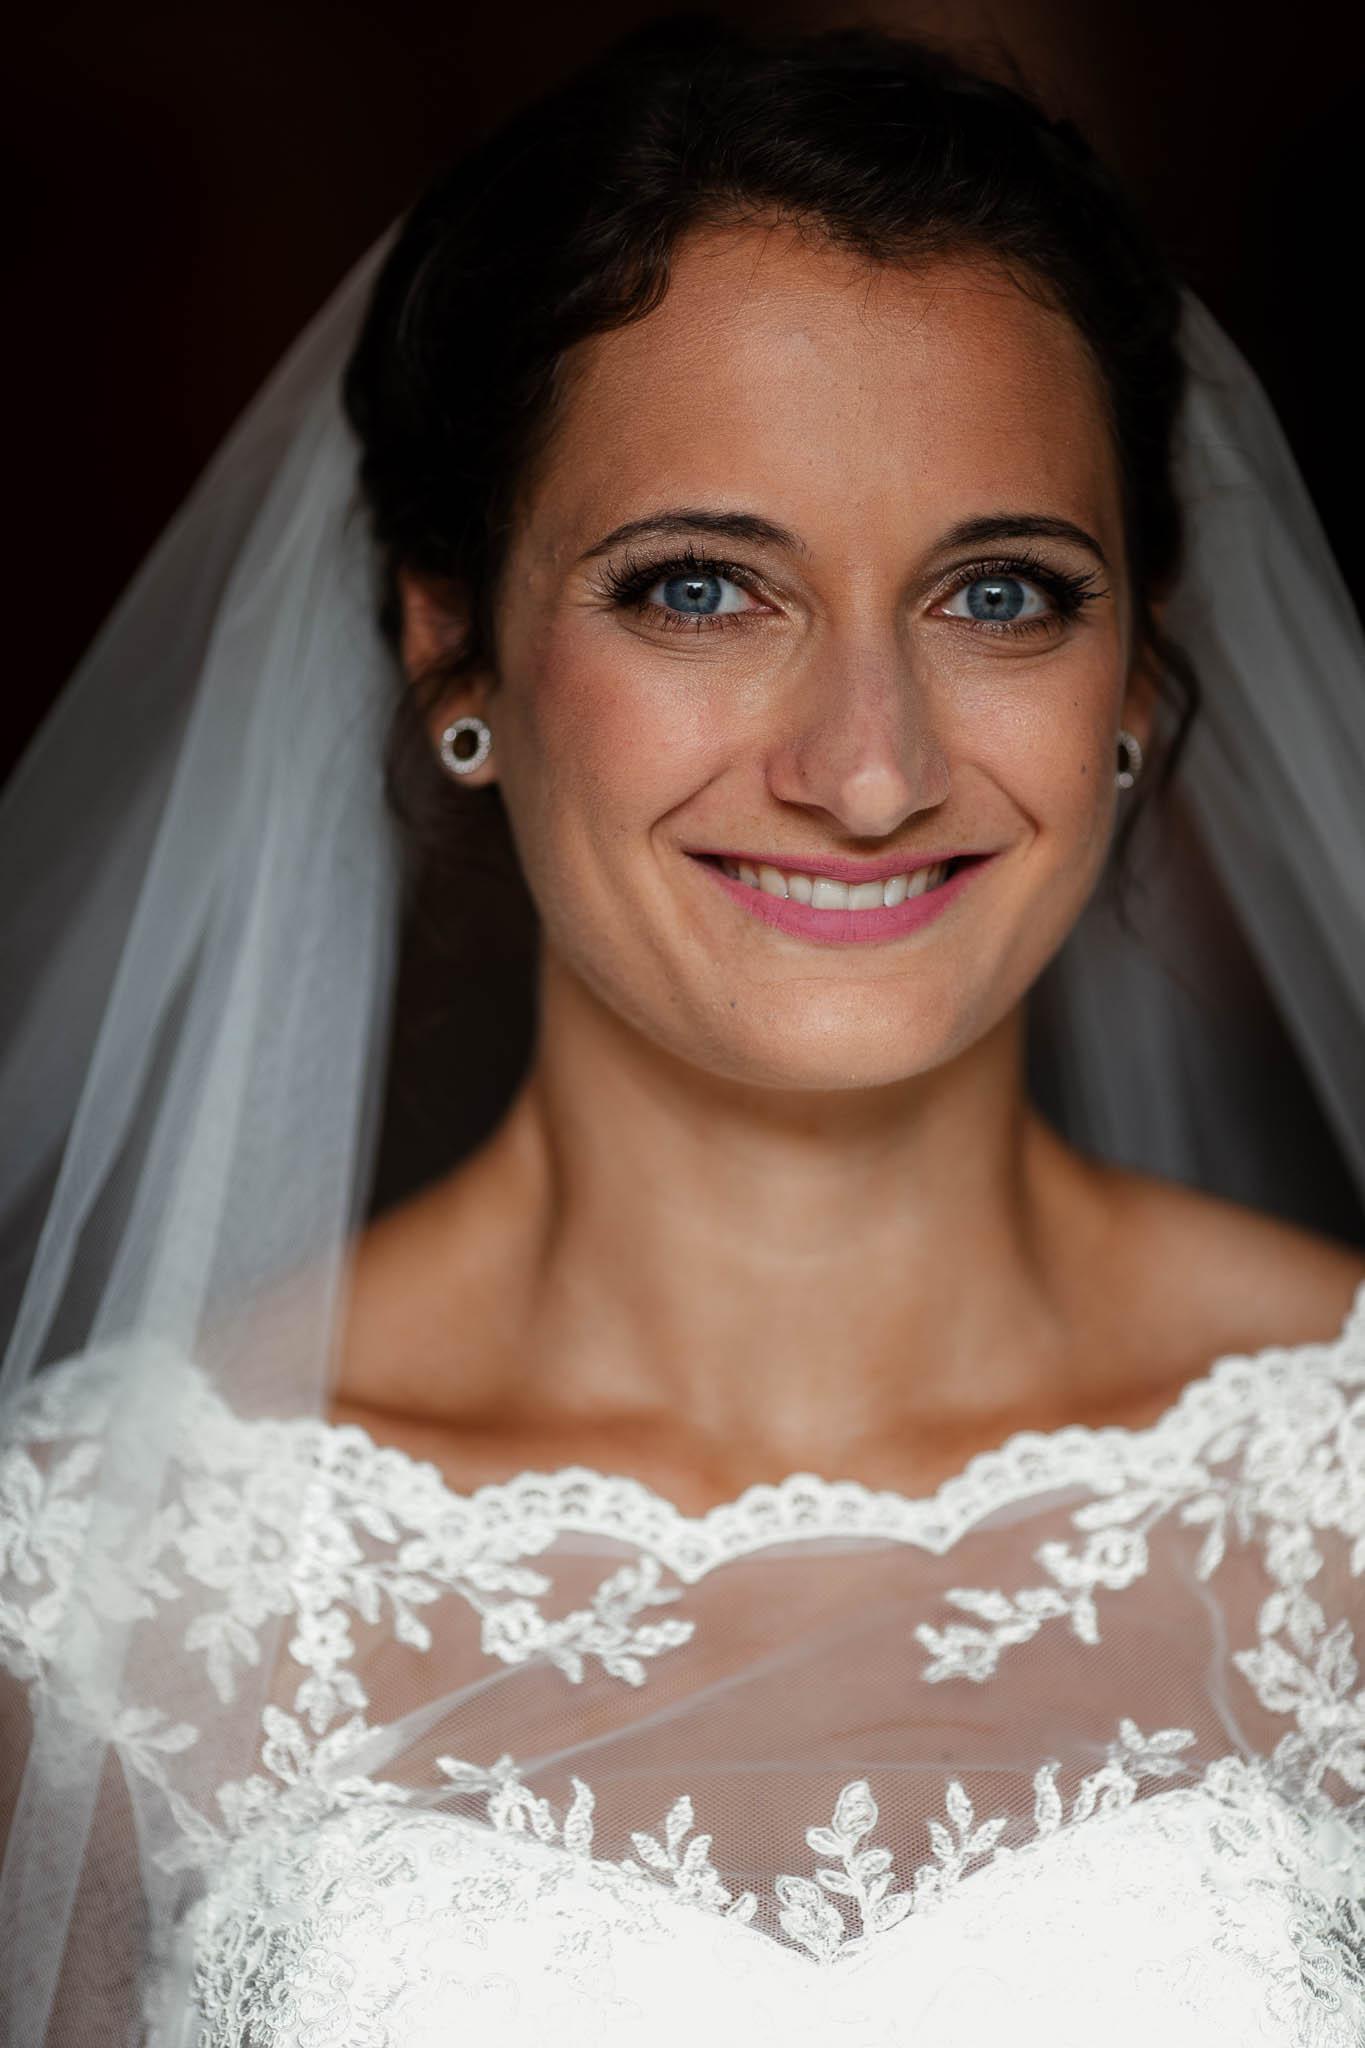 Hochzeitsfotograf Monzernheim: freie Trauung von Sarah & Patrick 13